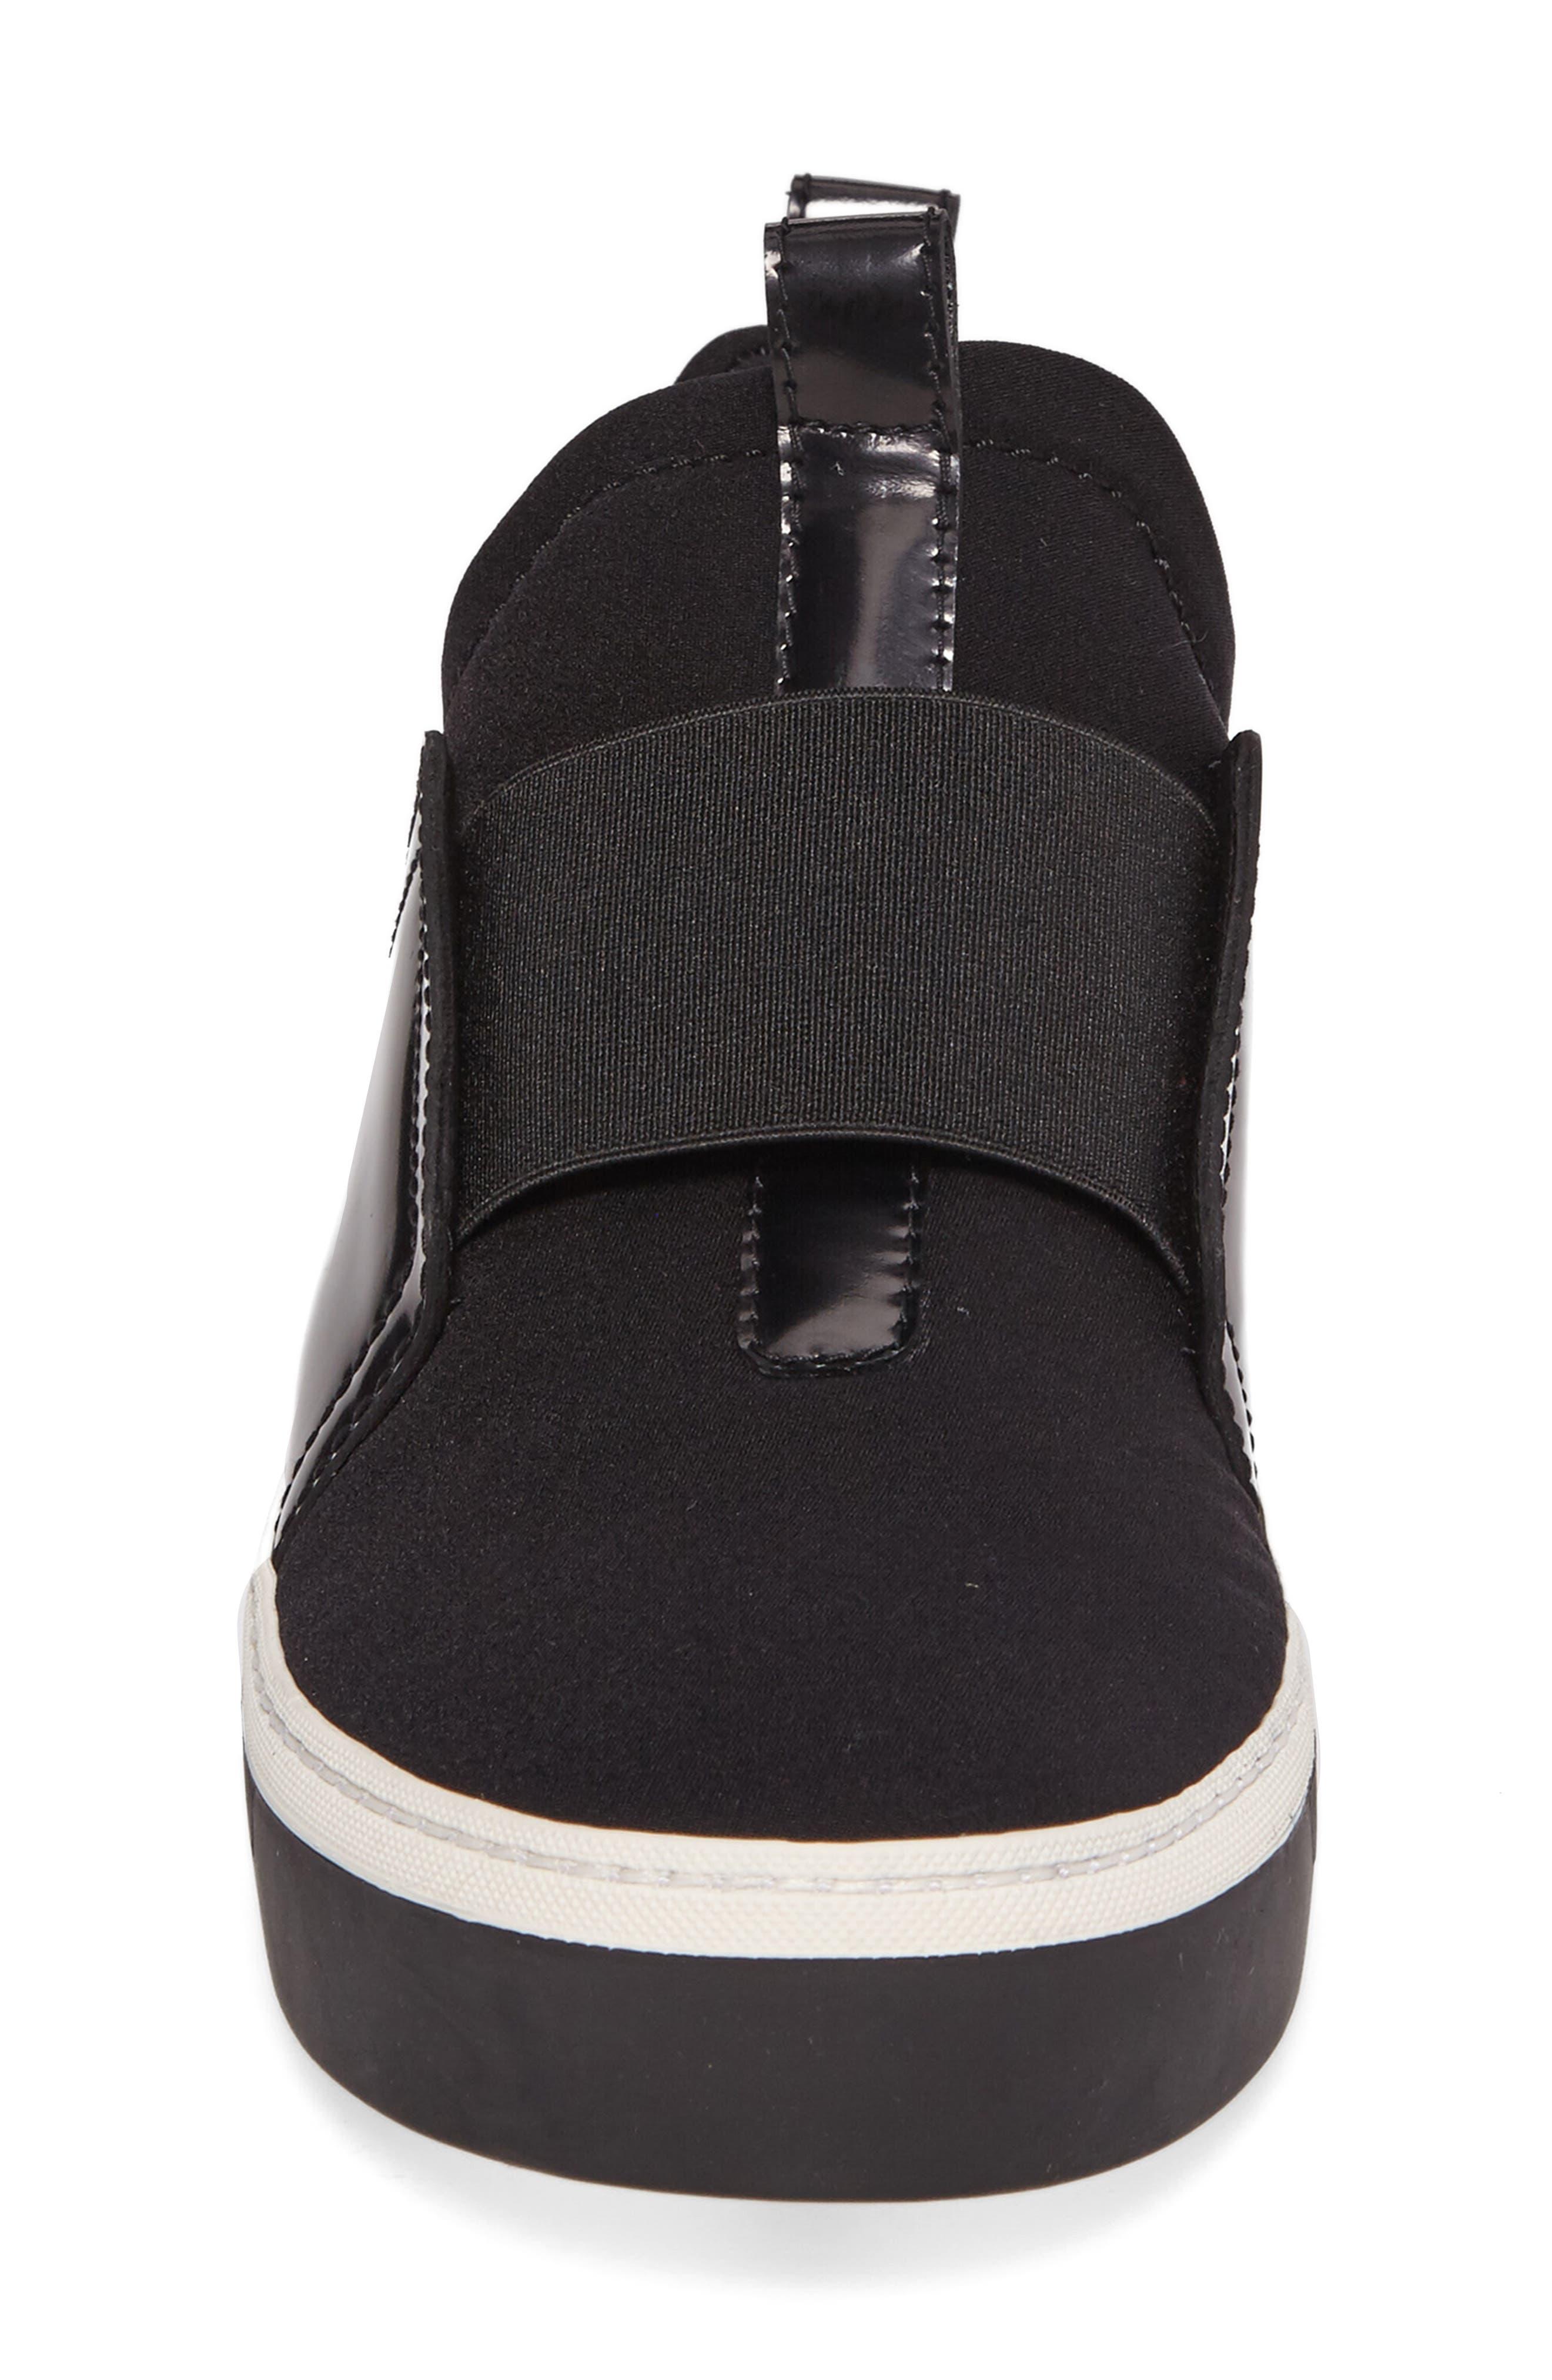 Wayfare Slip-On Sneaker,                             Alternate thumbnail 4, color,                             Black Neoprene